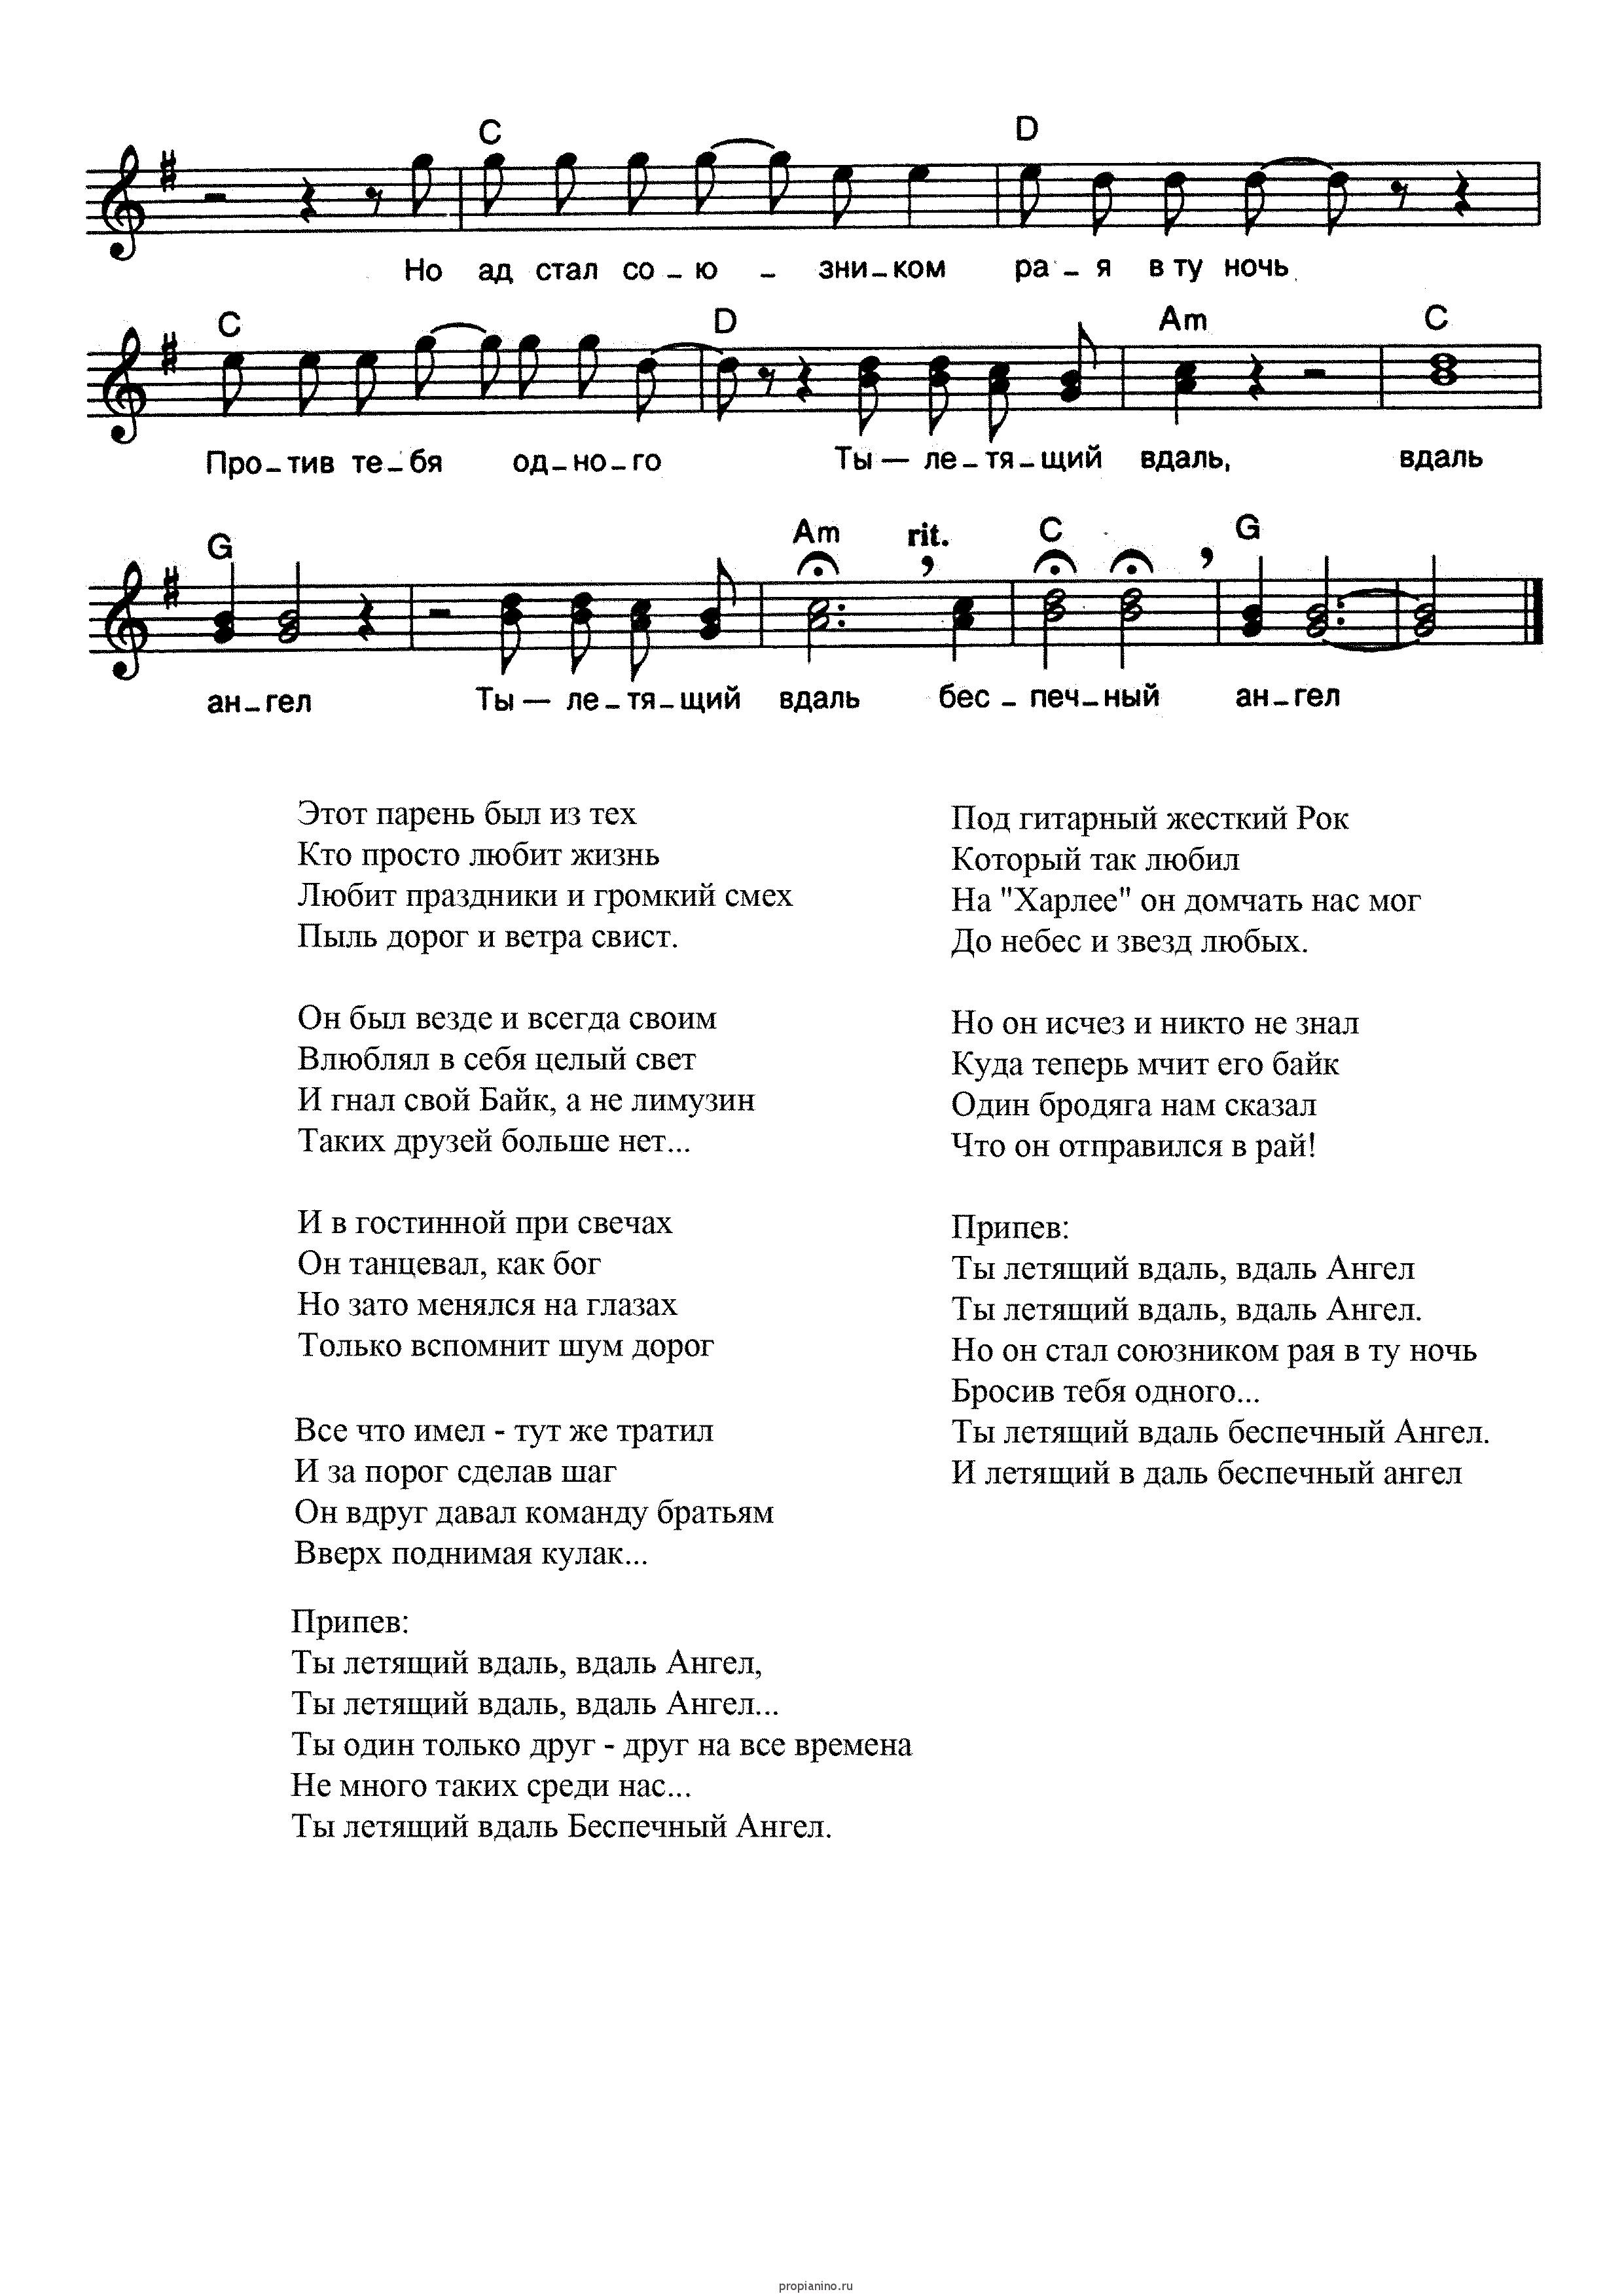 Рейсинг свободные линии слова песни статьи зависимости характера